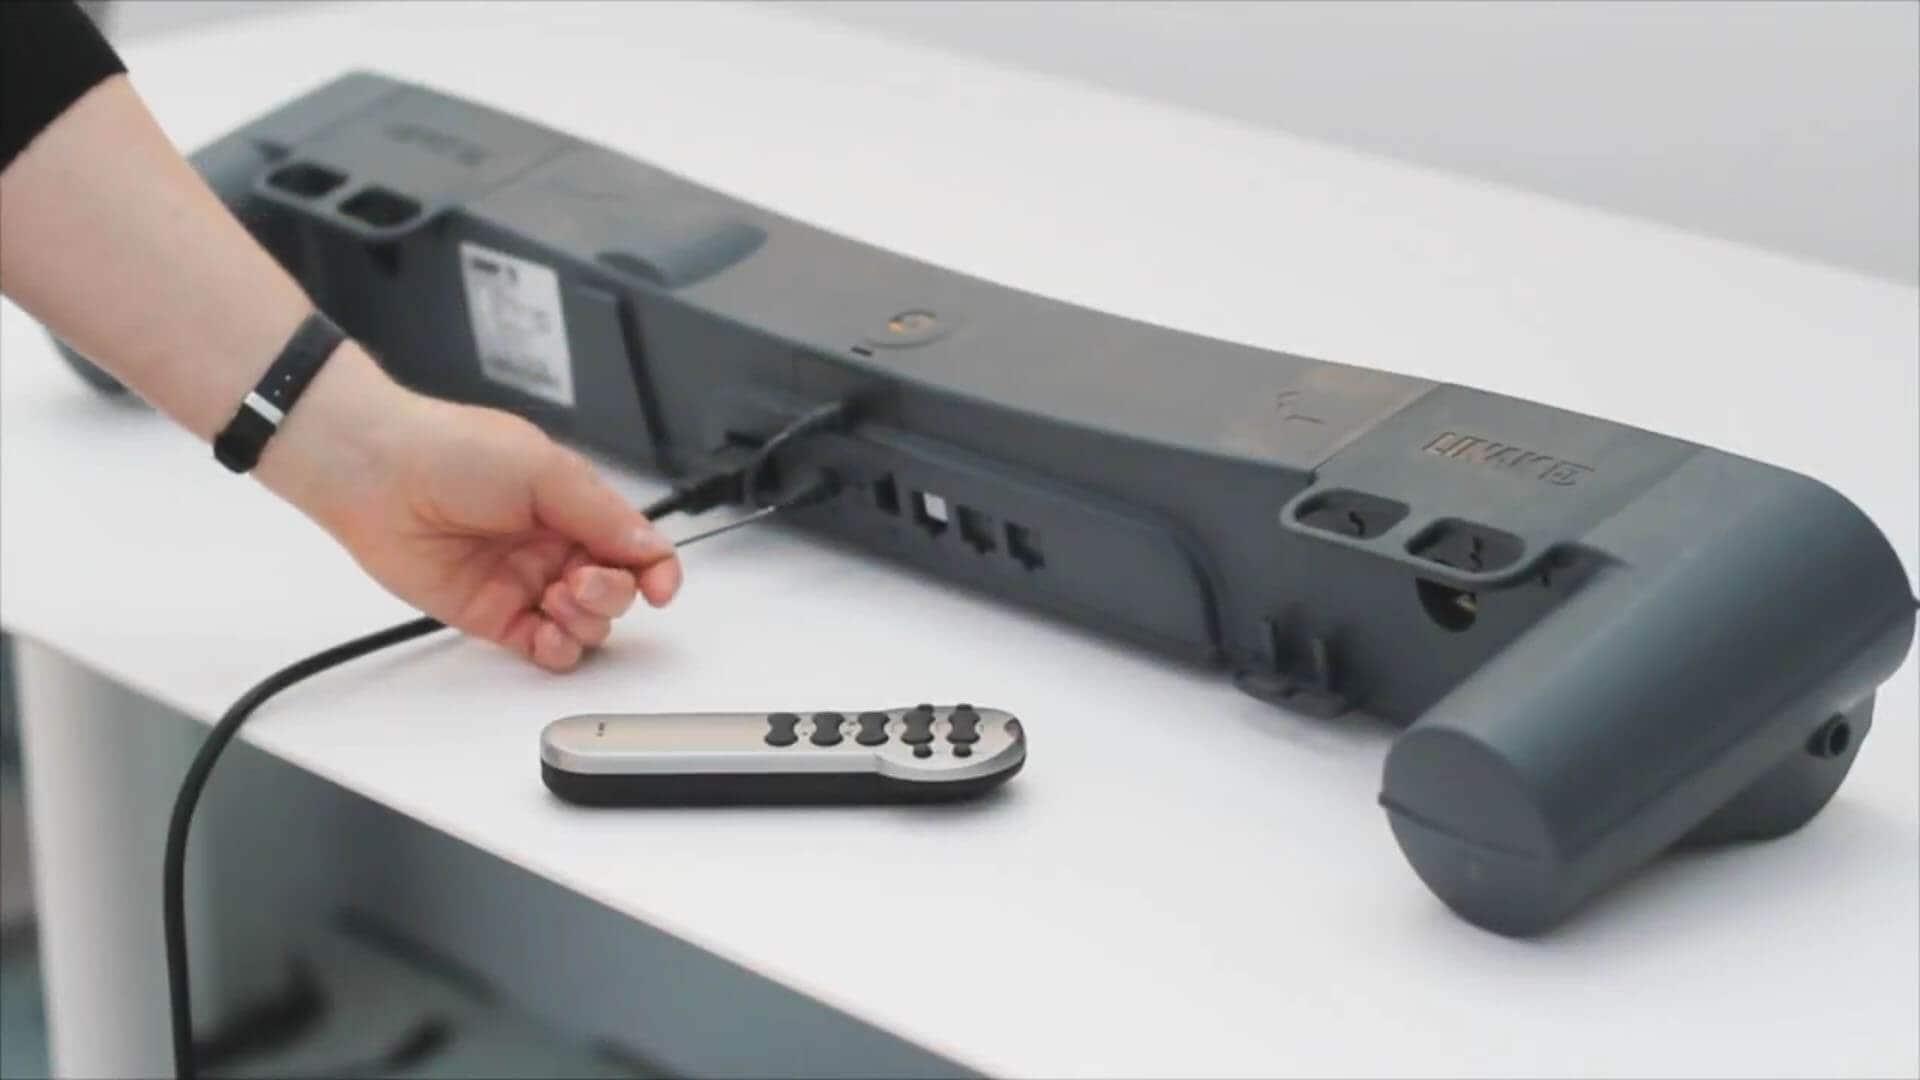 TD3 - radiofrequentie-handsets instellen